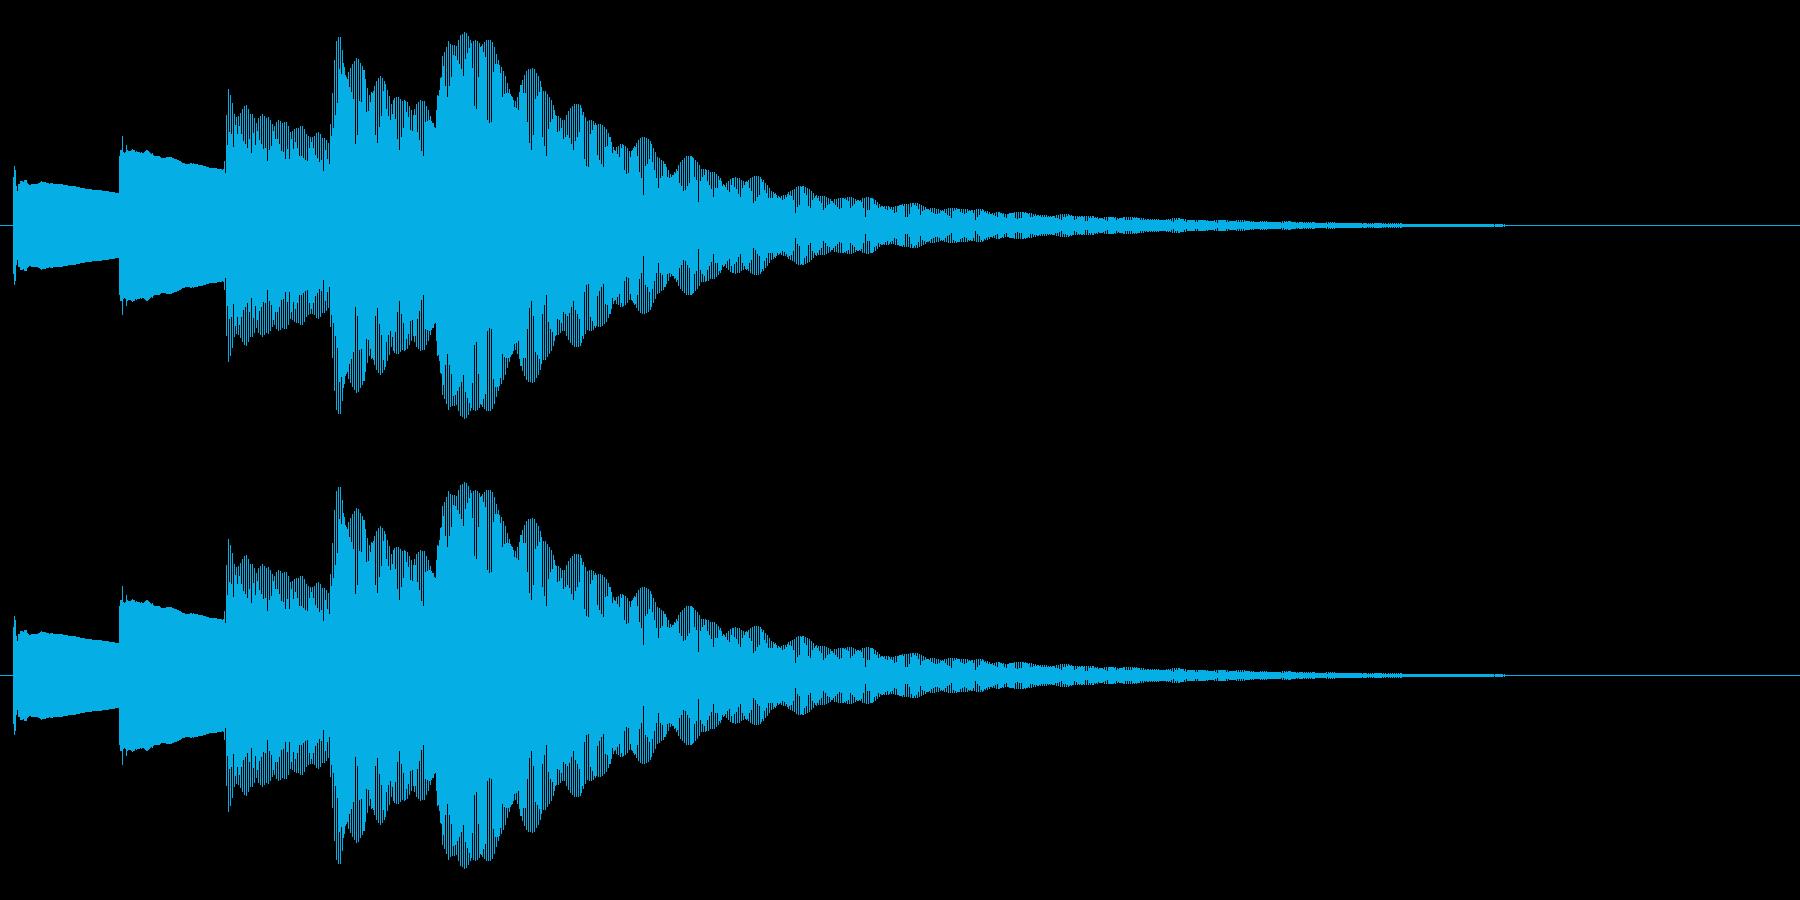 ピンポンパンポンピン(お知らせ)下降の再生済みの波形